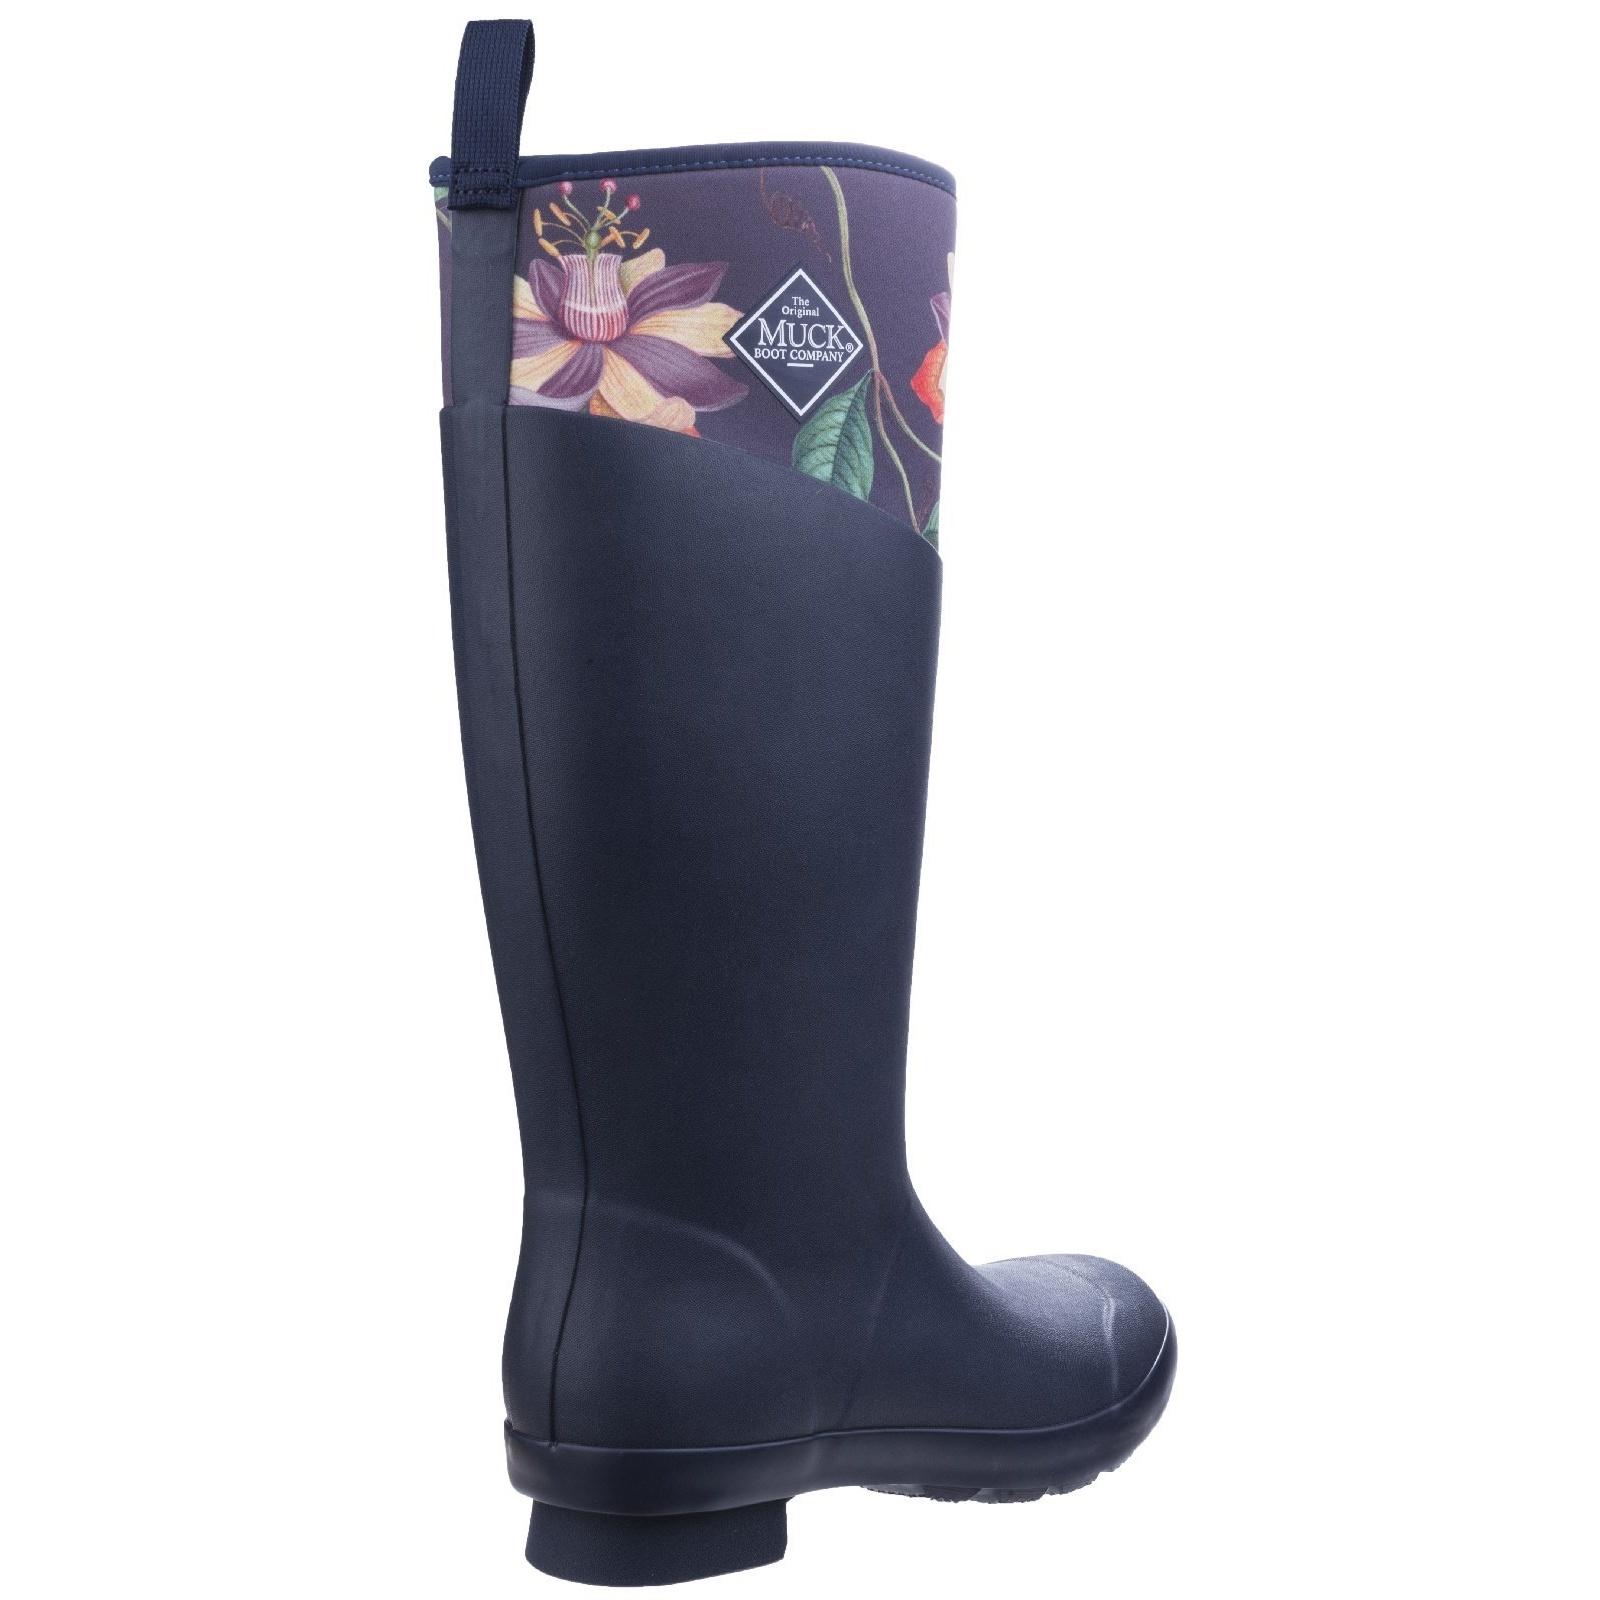 Muck Boots Tremont imperméables RHS - Bottes imperméables Tremont - Femme (FS4383) f6a7db